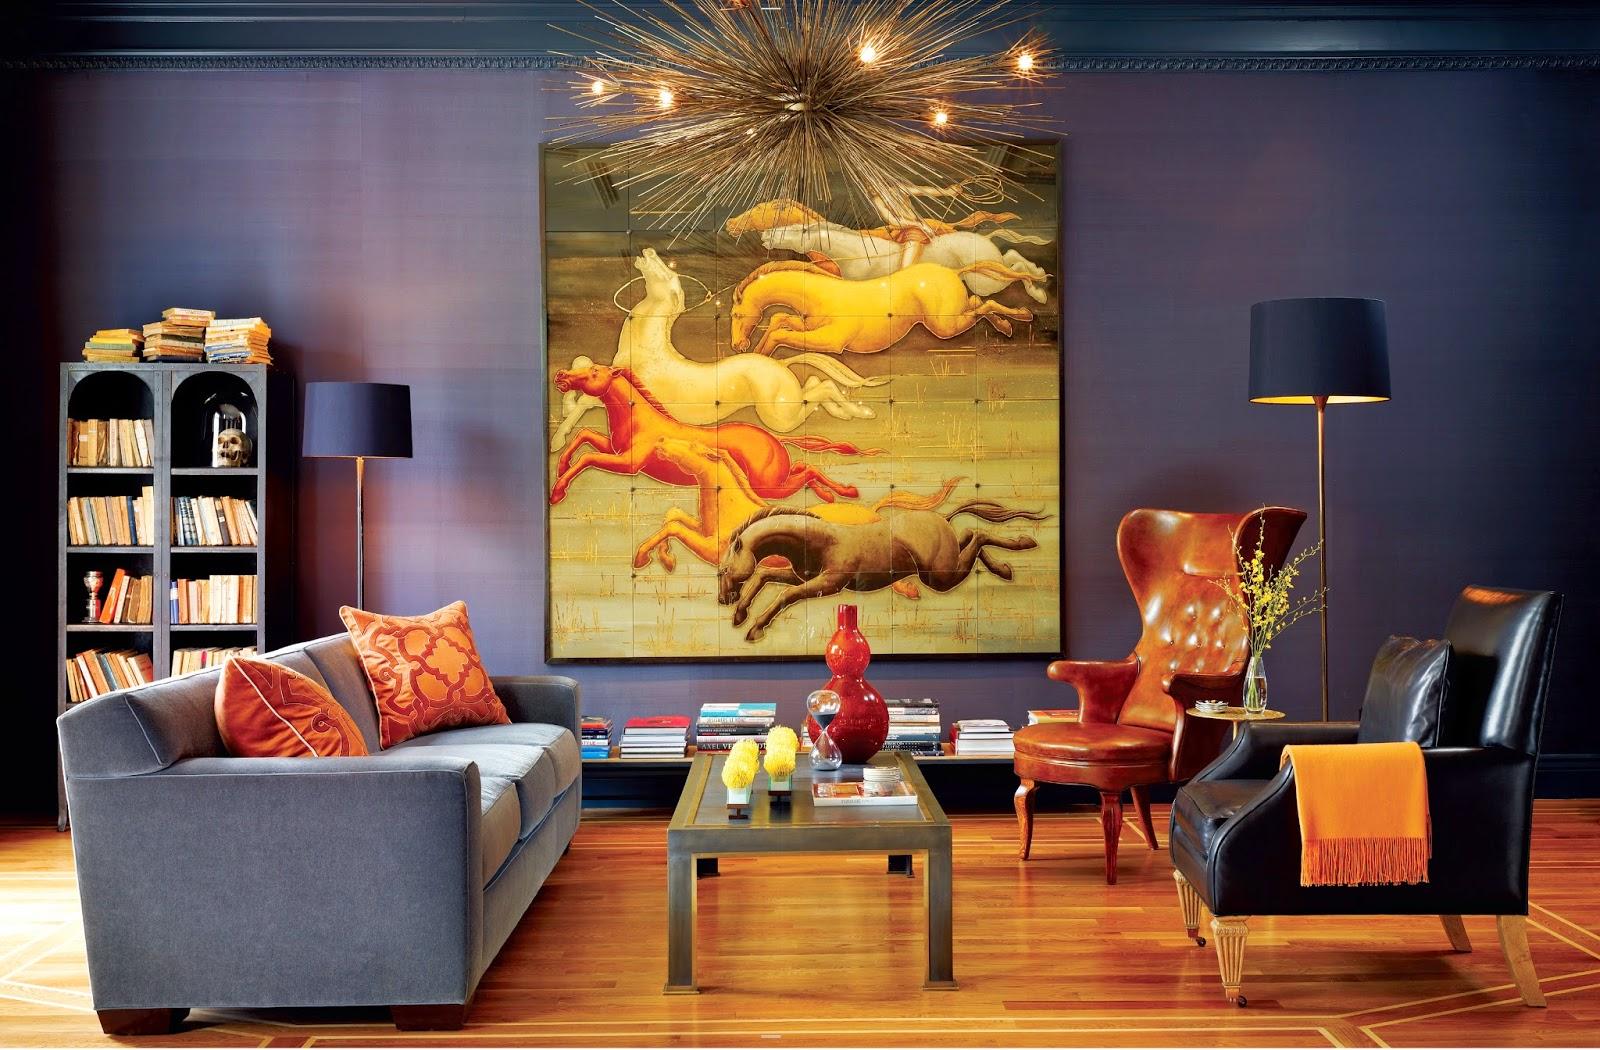 Панорамная картина в стиле модерн